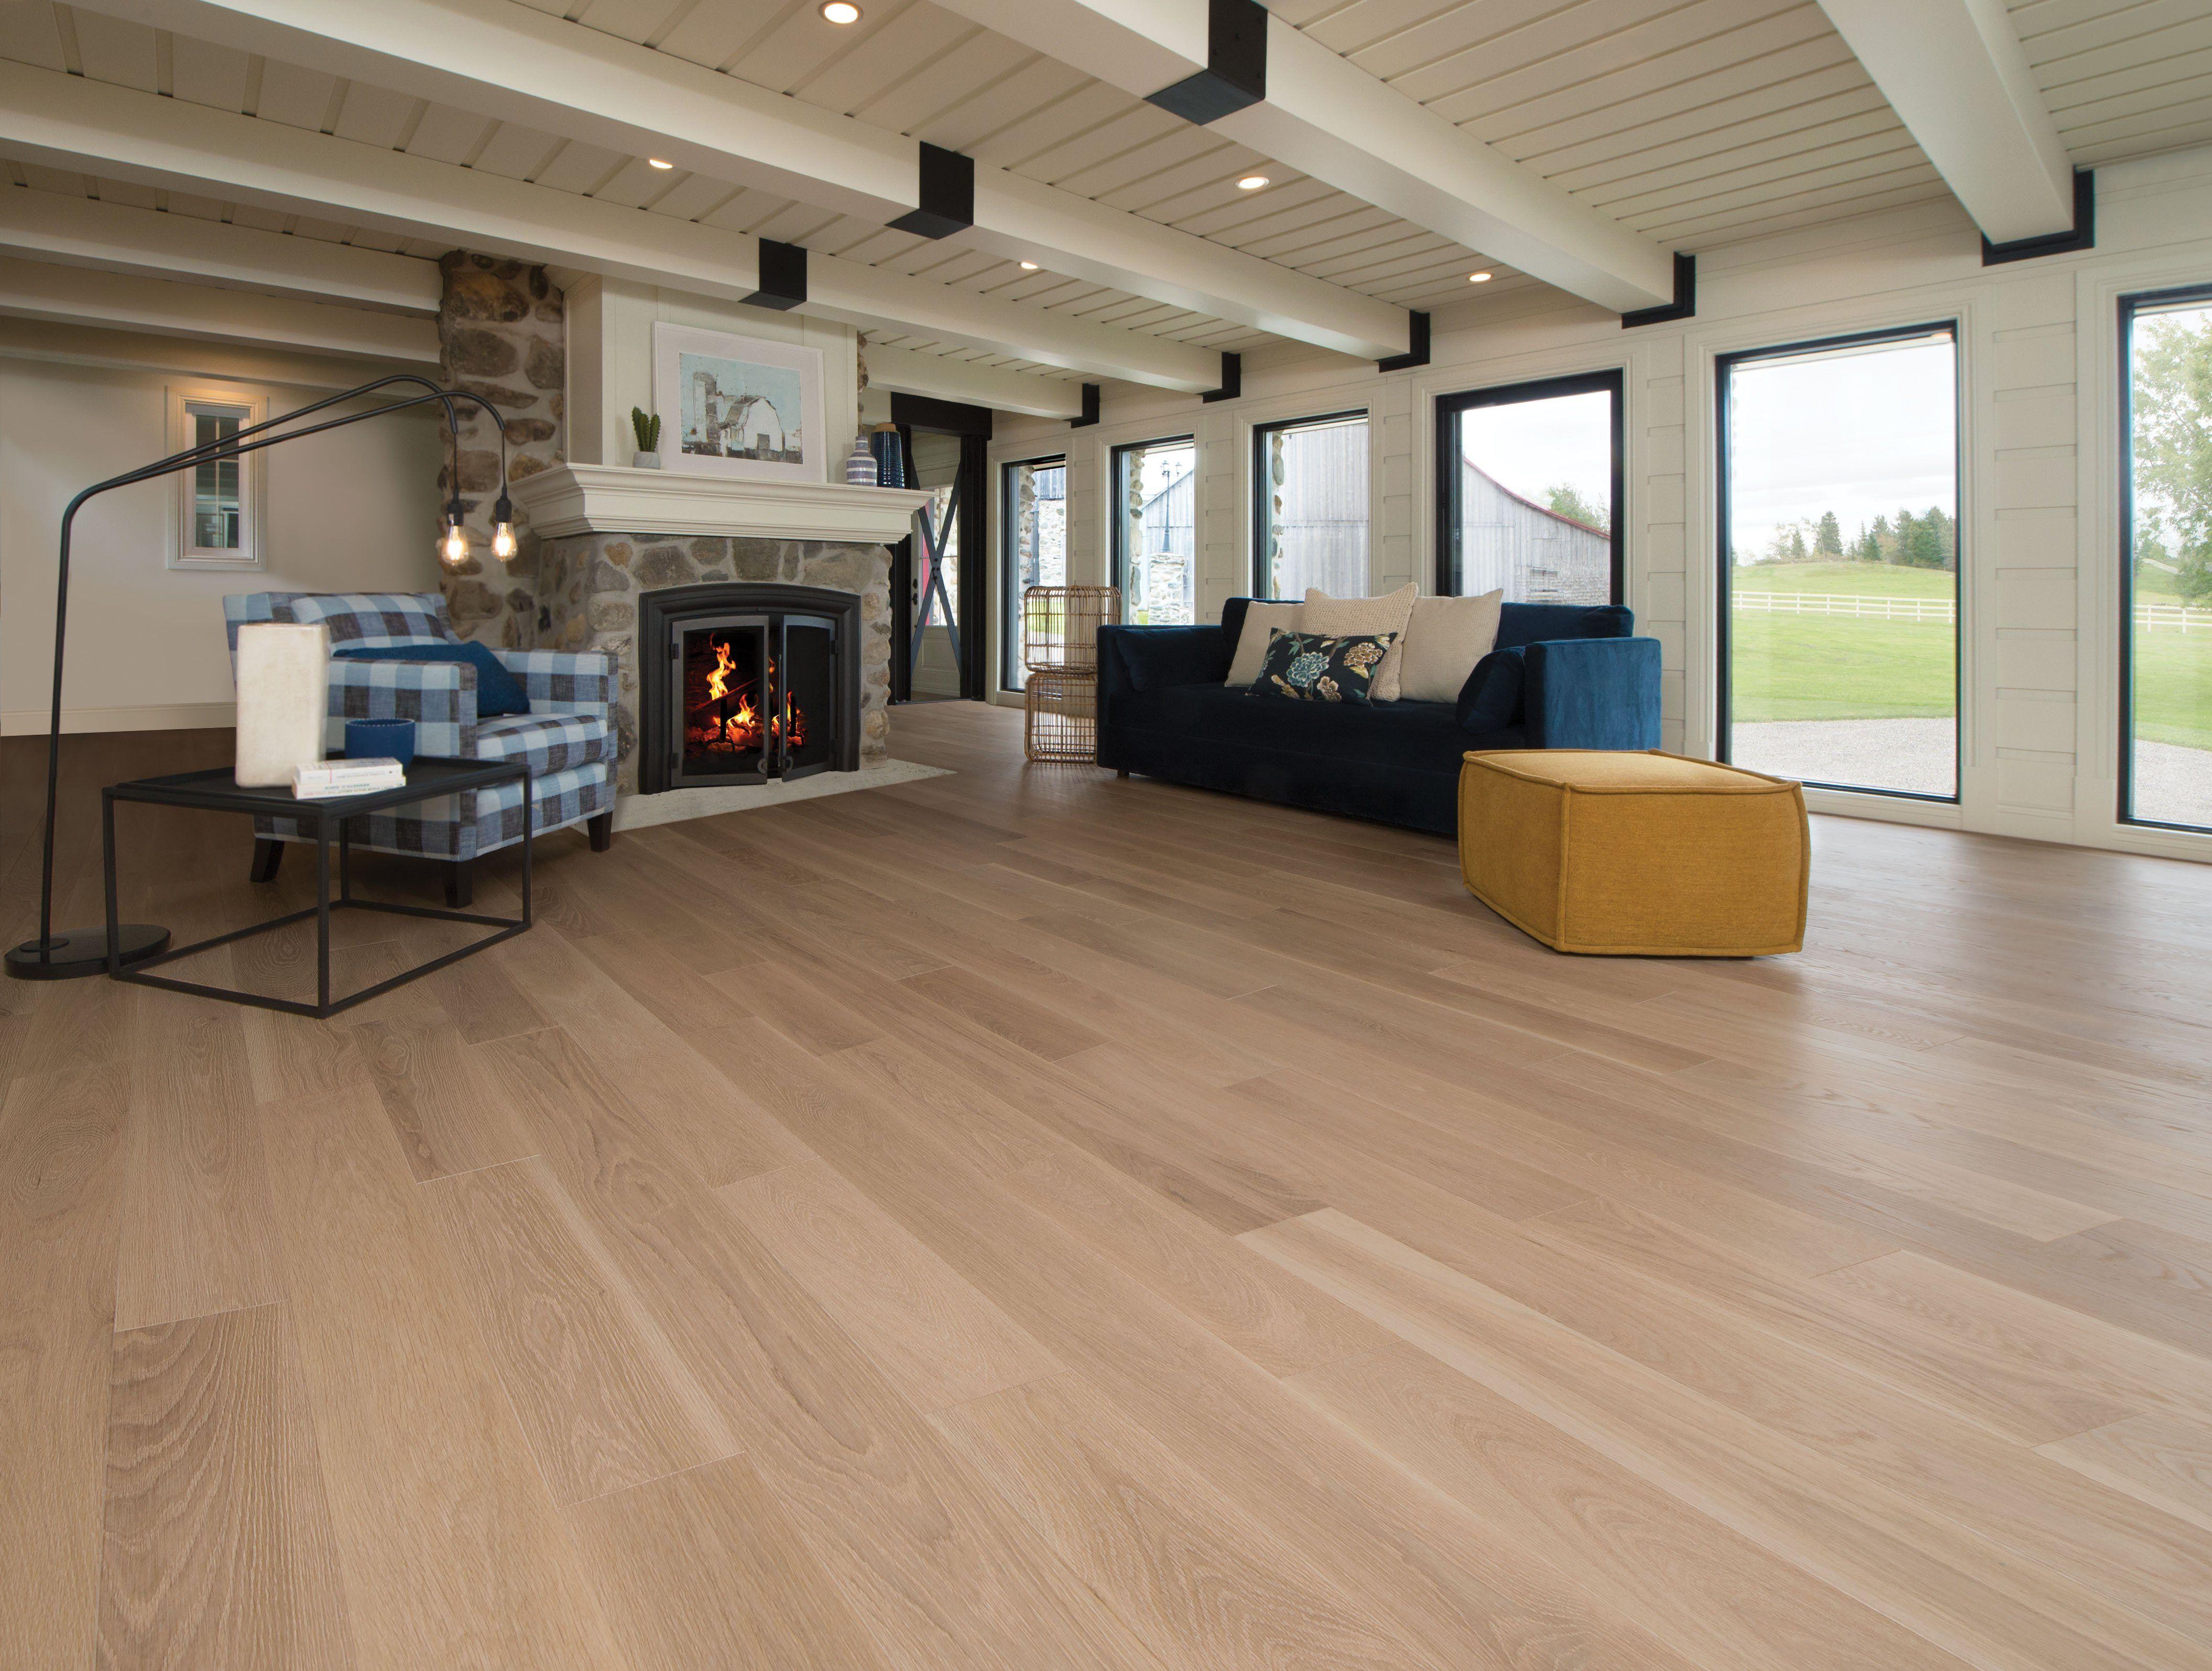 Mirage Hardwood Floors White Oak Isla Exclusive Brushed Hardwood Floors Flooring White Oak Hardwood Floors